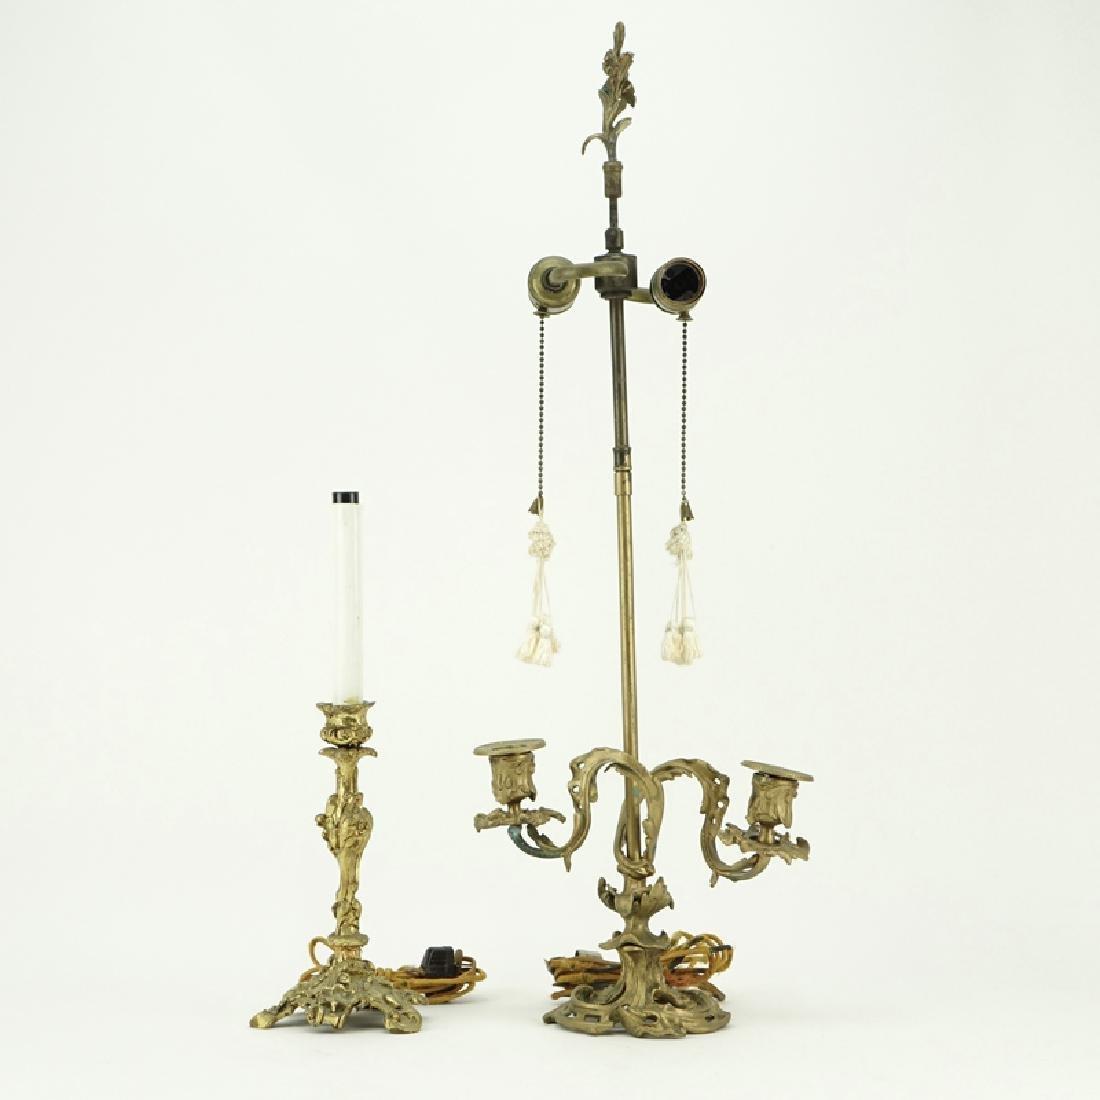 Two (2) Antique Art Nouveau Style Gilt Brass Lamps.